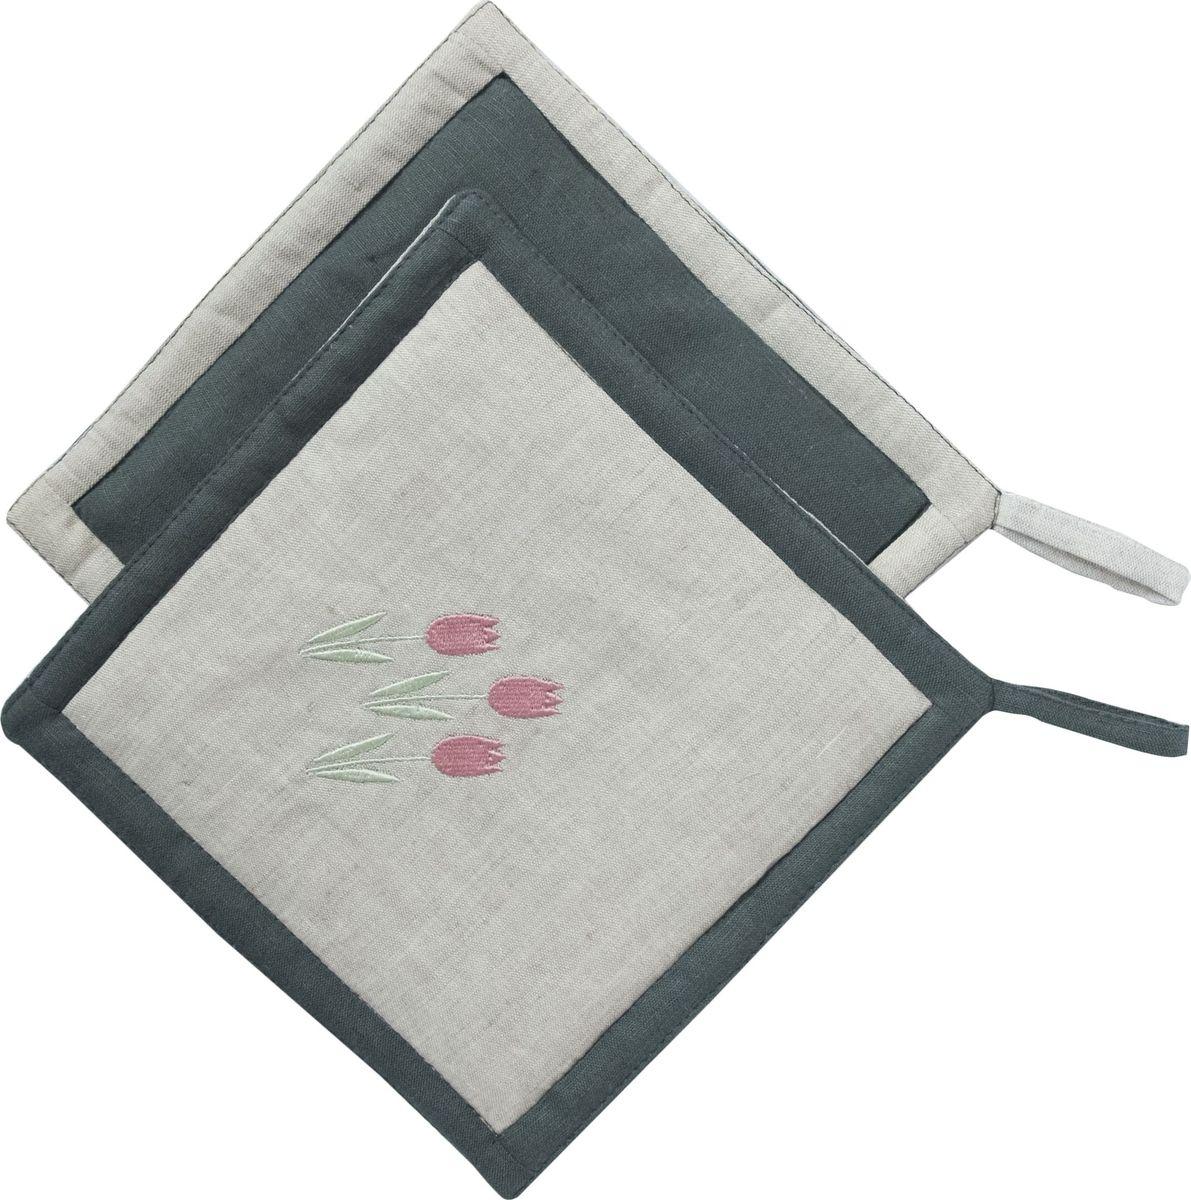 Прихватка Арт-студия Решетняк Тюльпаны, цвет: серый прихватка кухонная василек универсальный